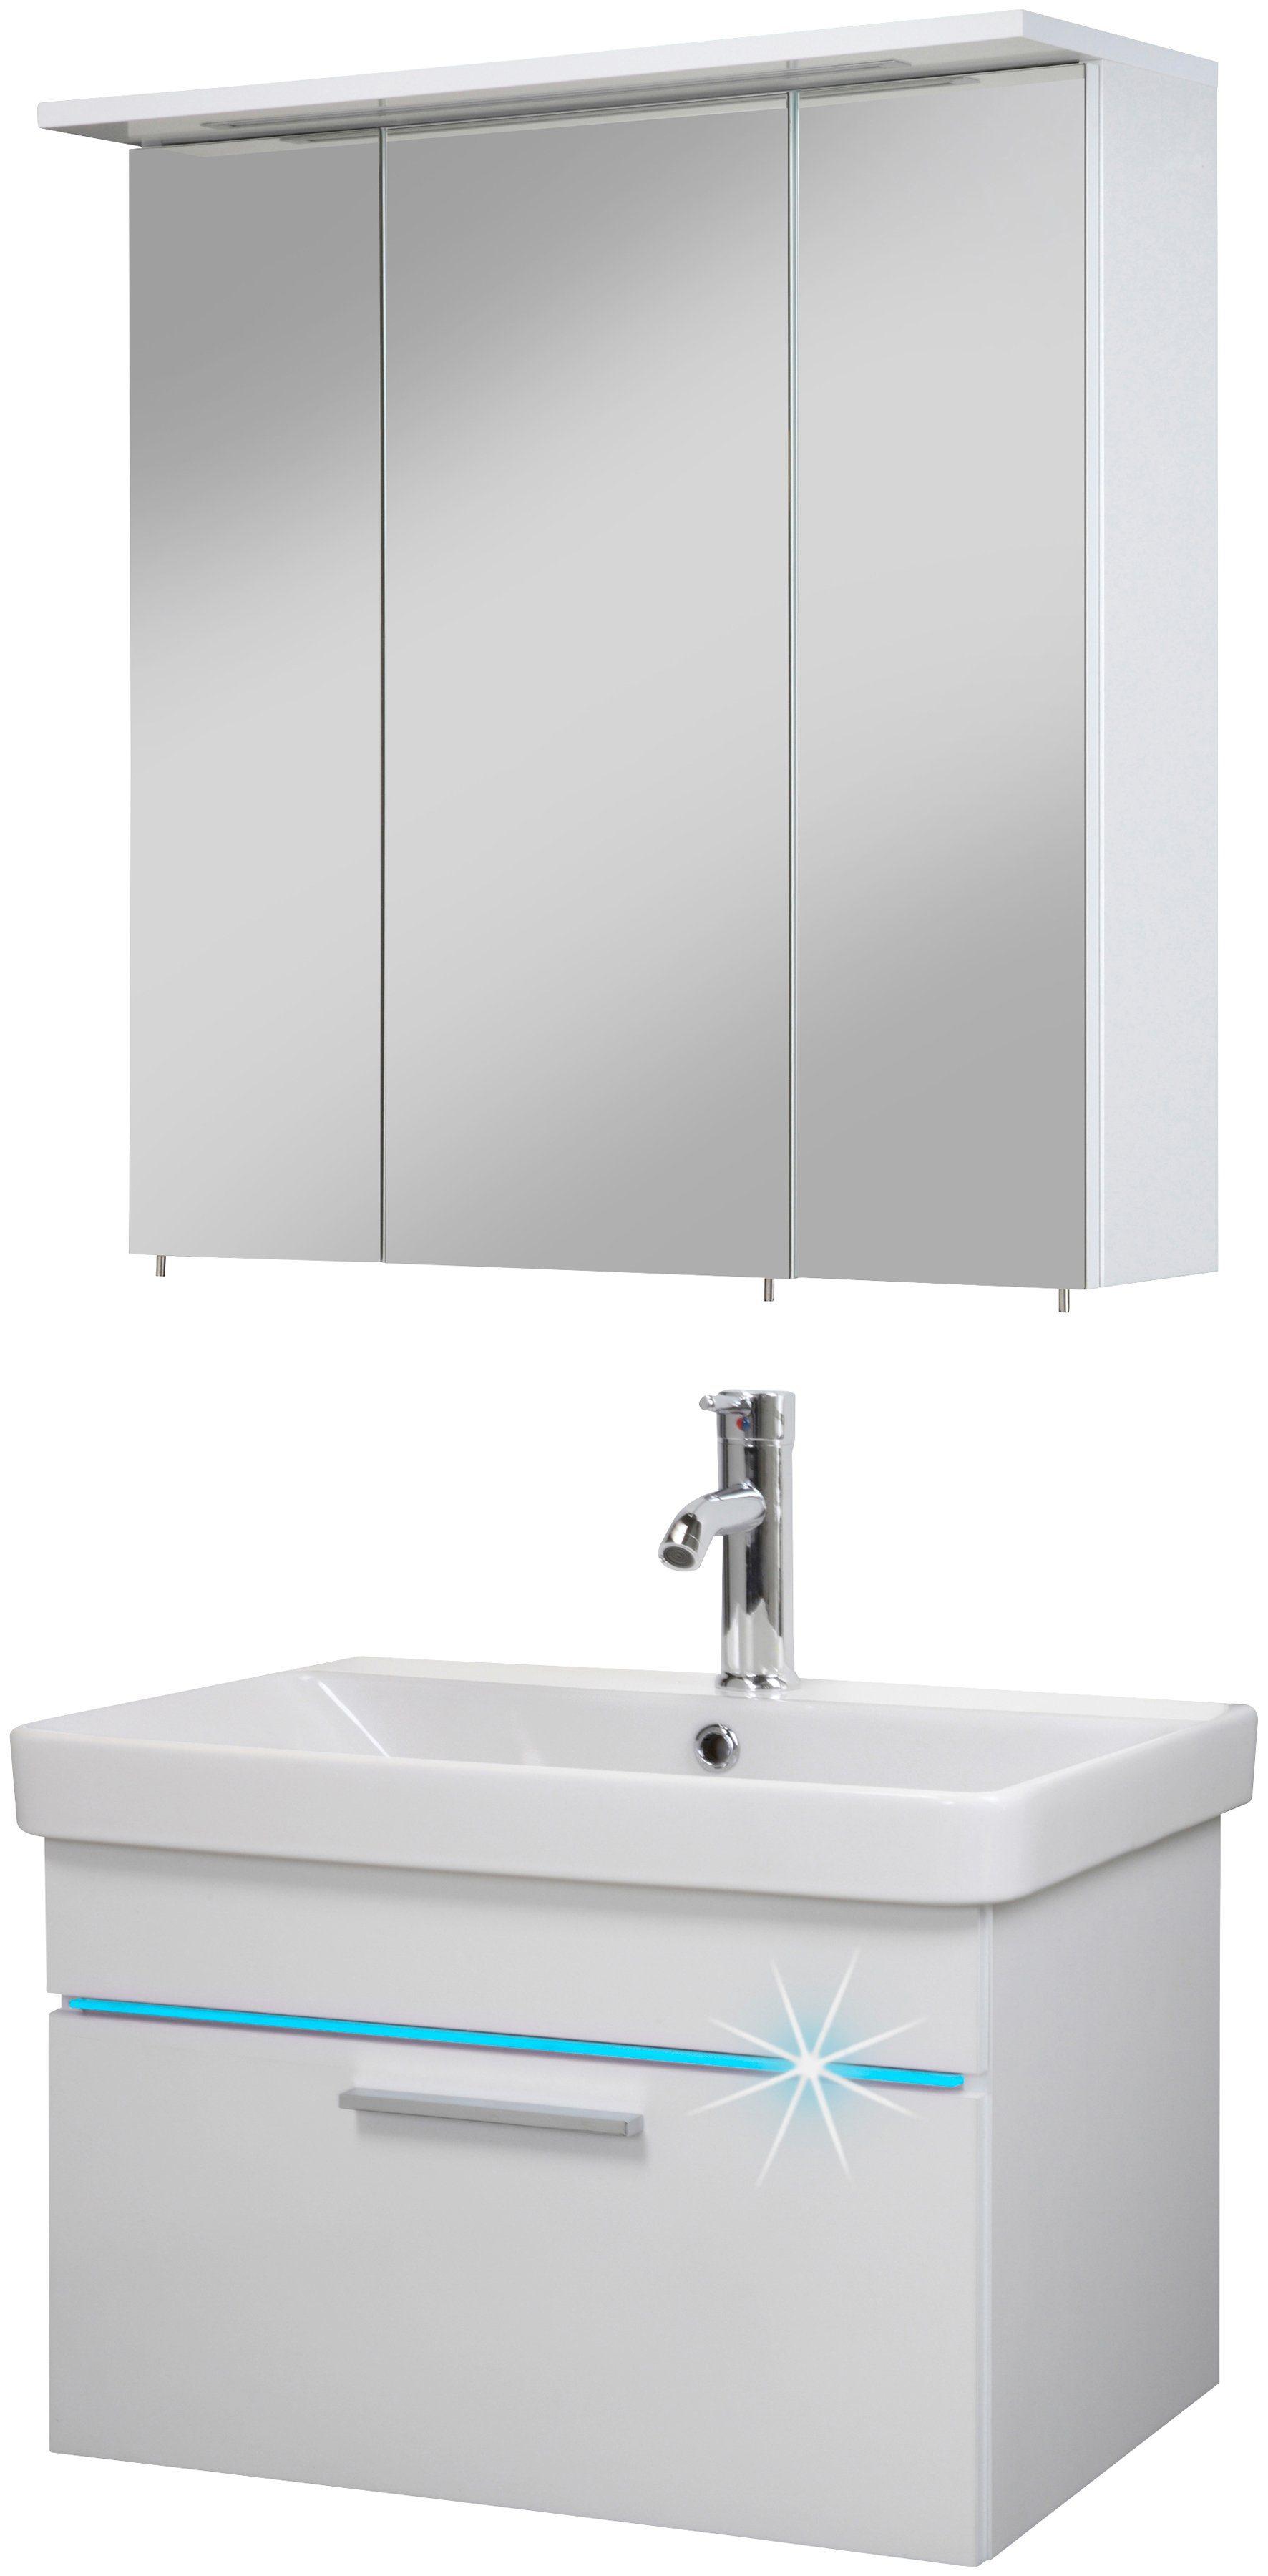 Badmöbel-Set »Polaris LED«, 60 cm, 2-tlg.